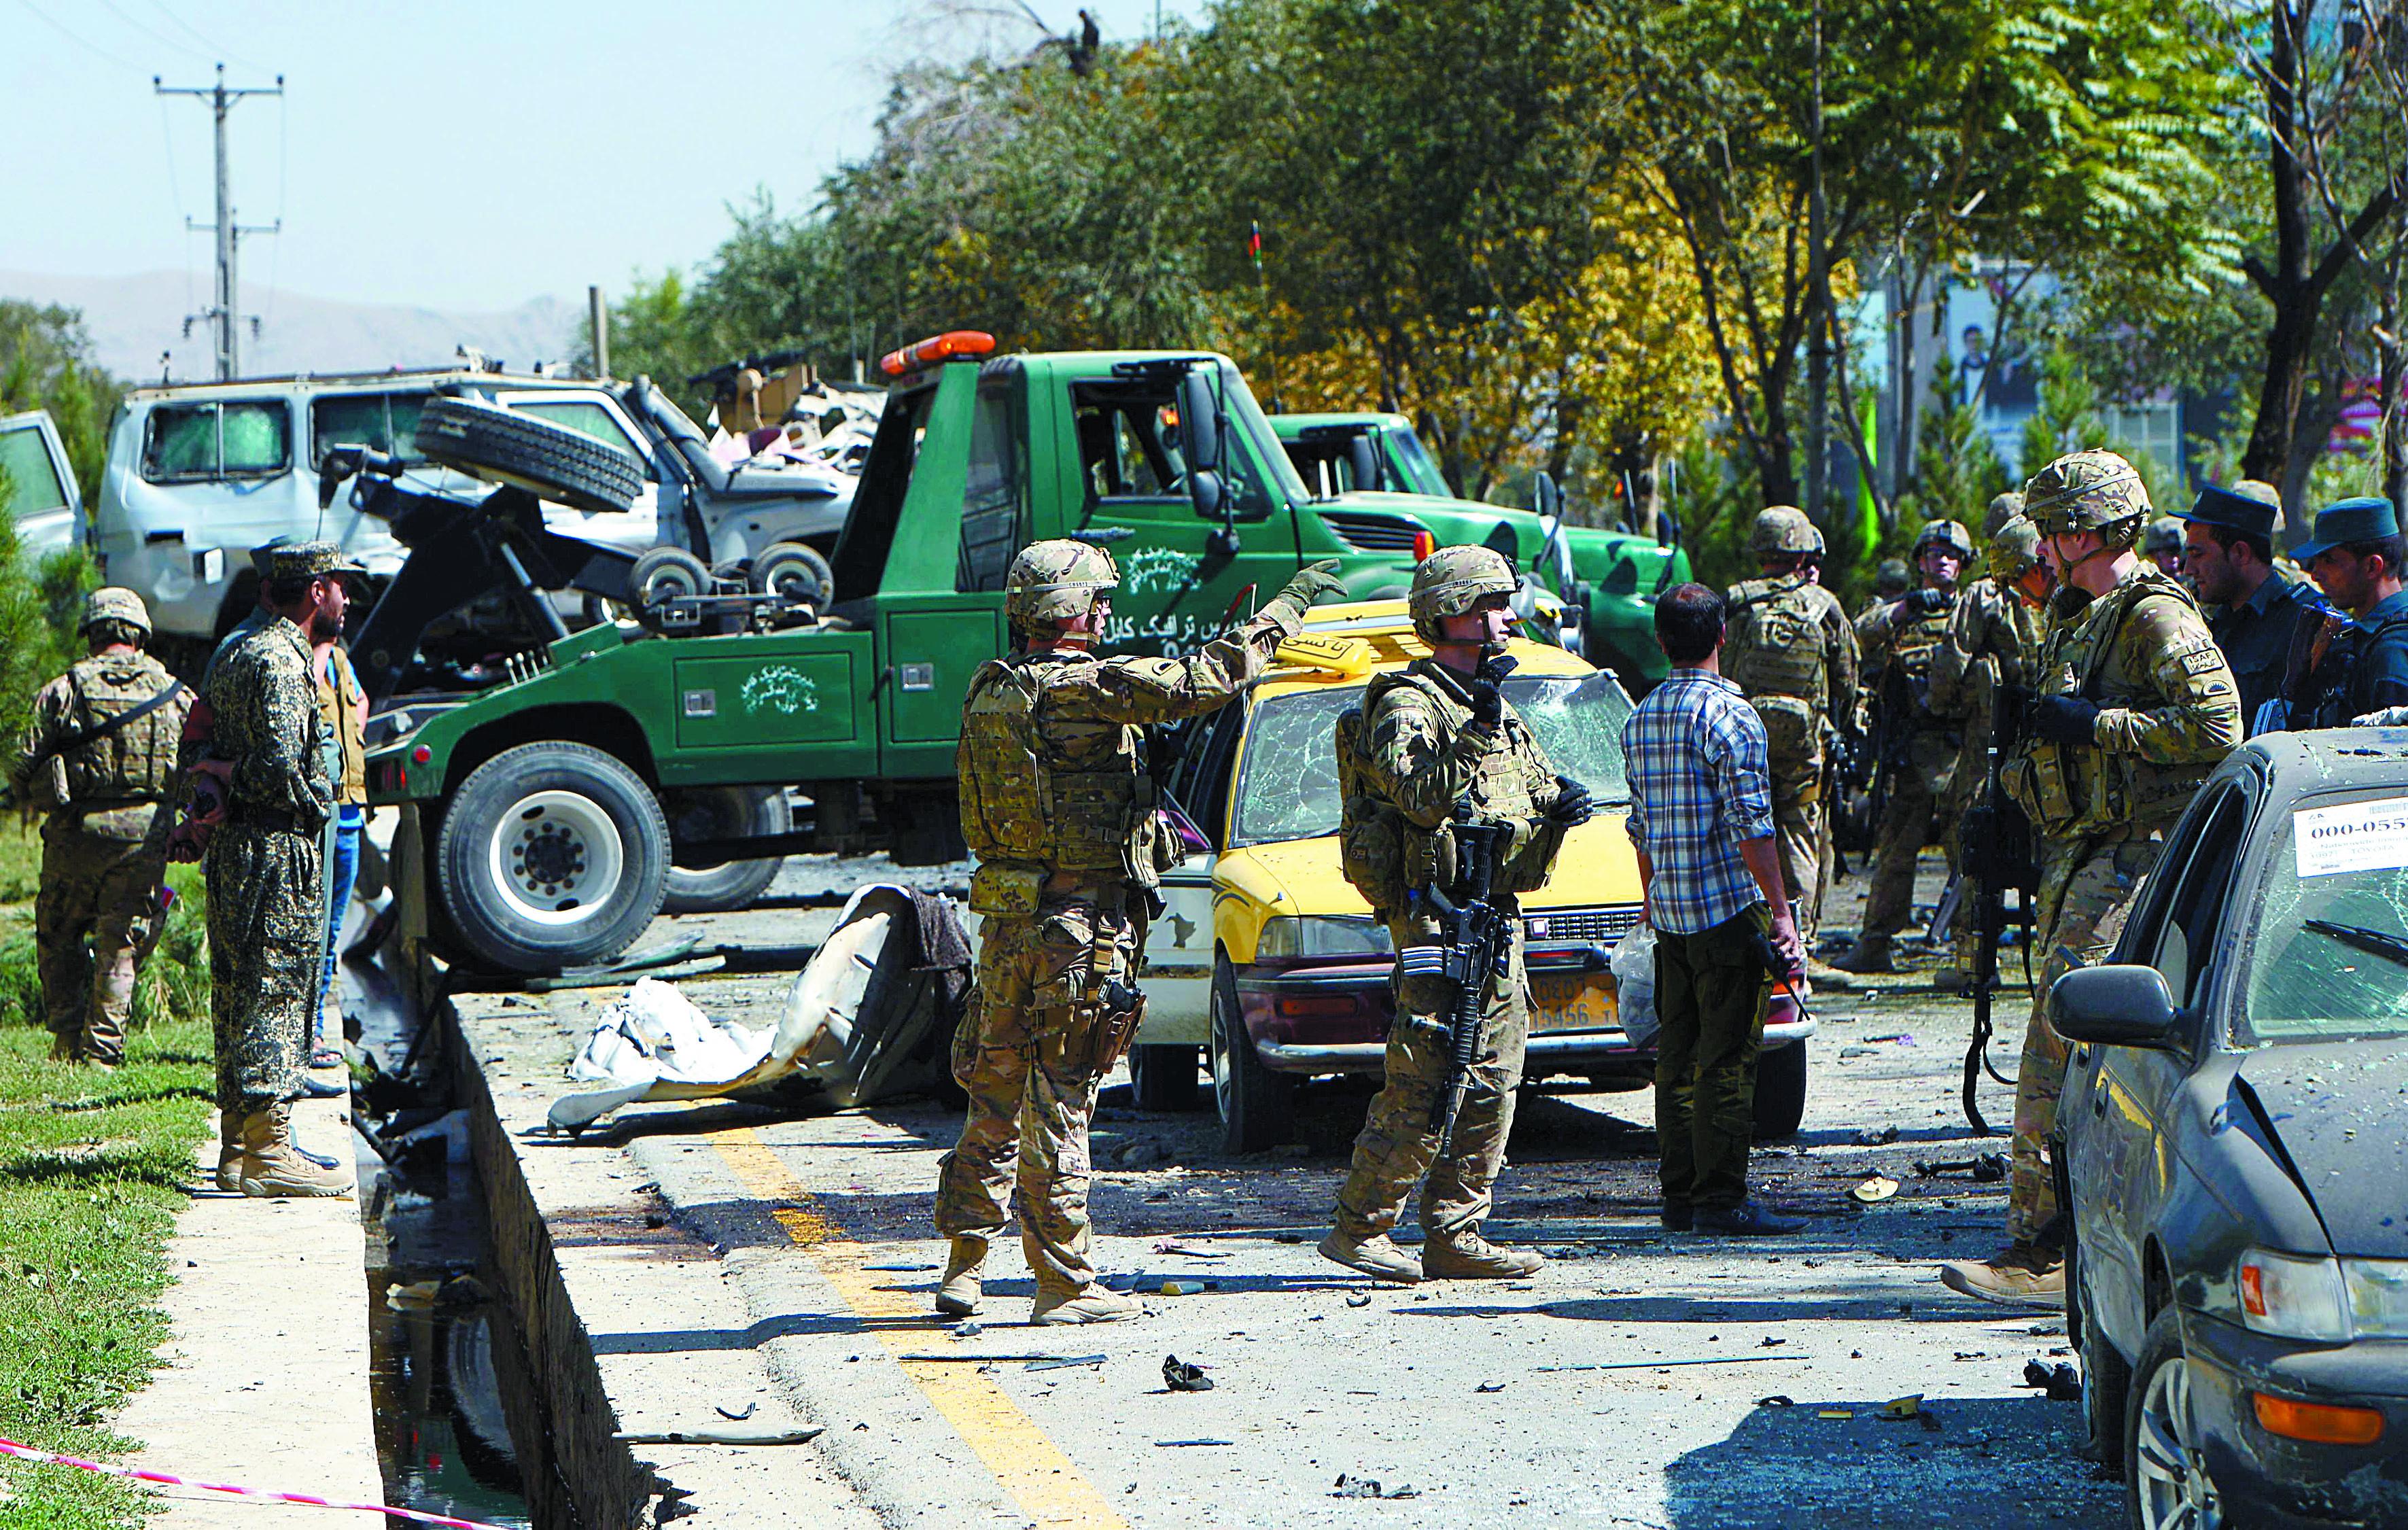 Huit morts et une centaine de blessés, vendredi, dans un attentat au camion piégé à Kaboul